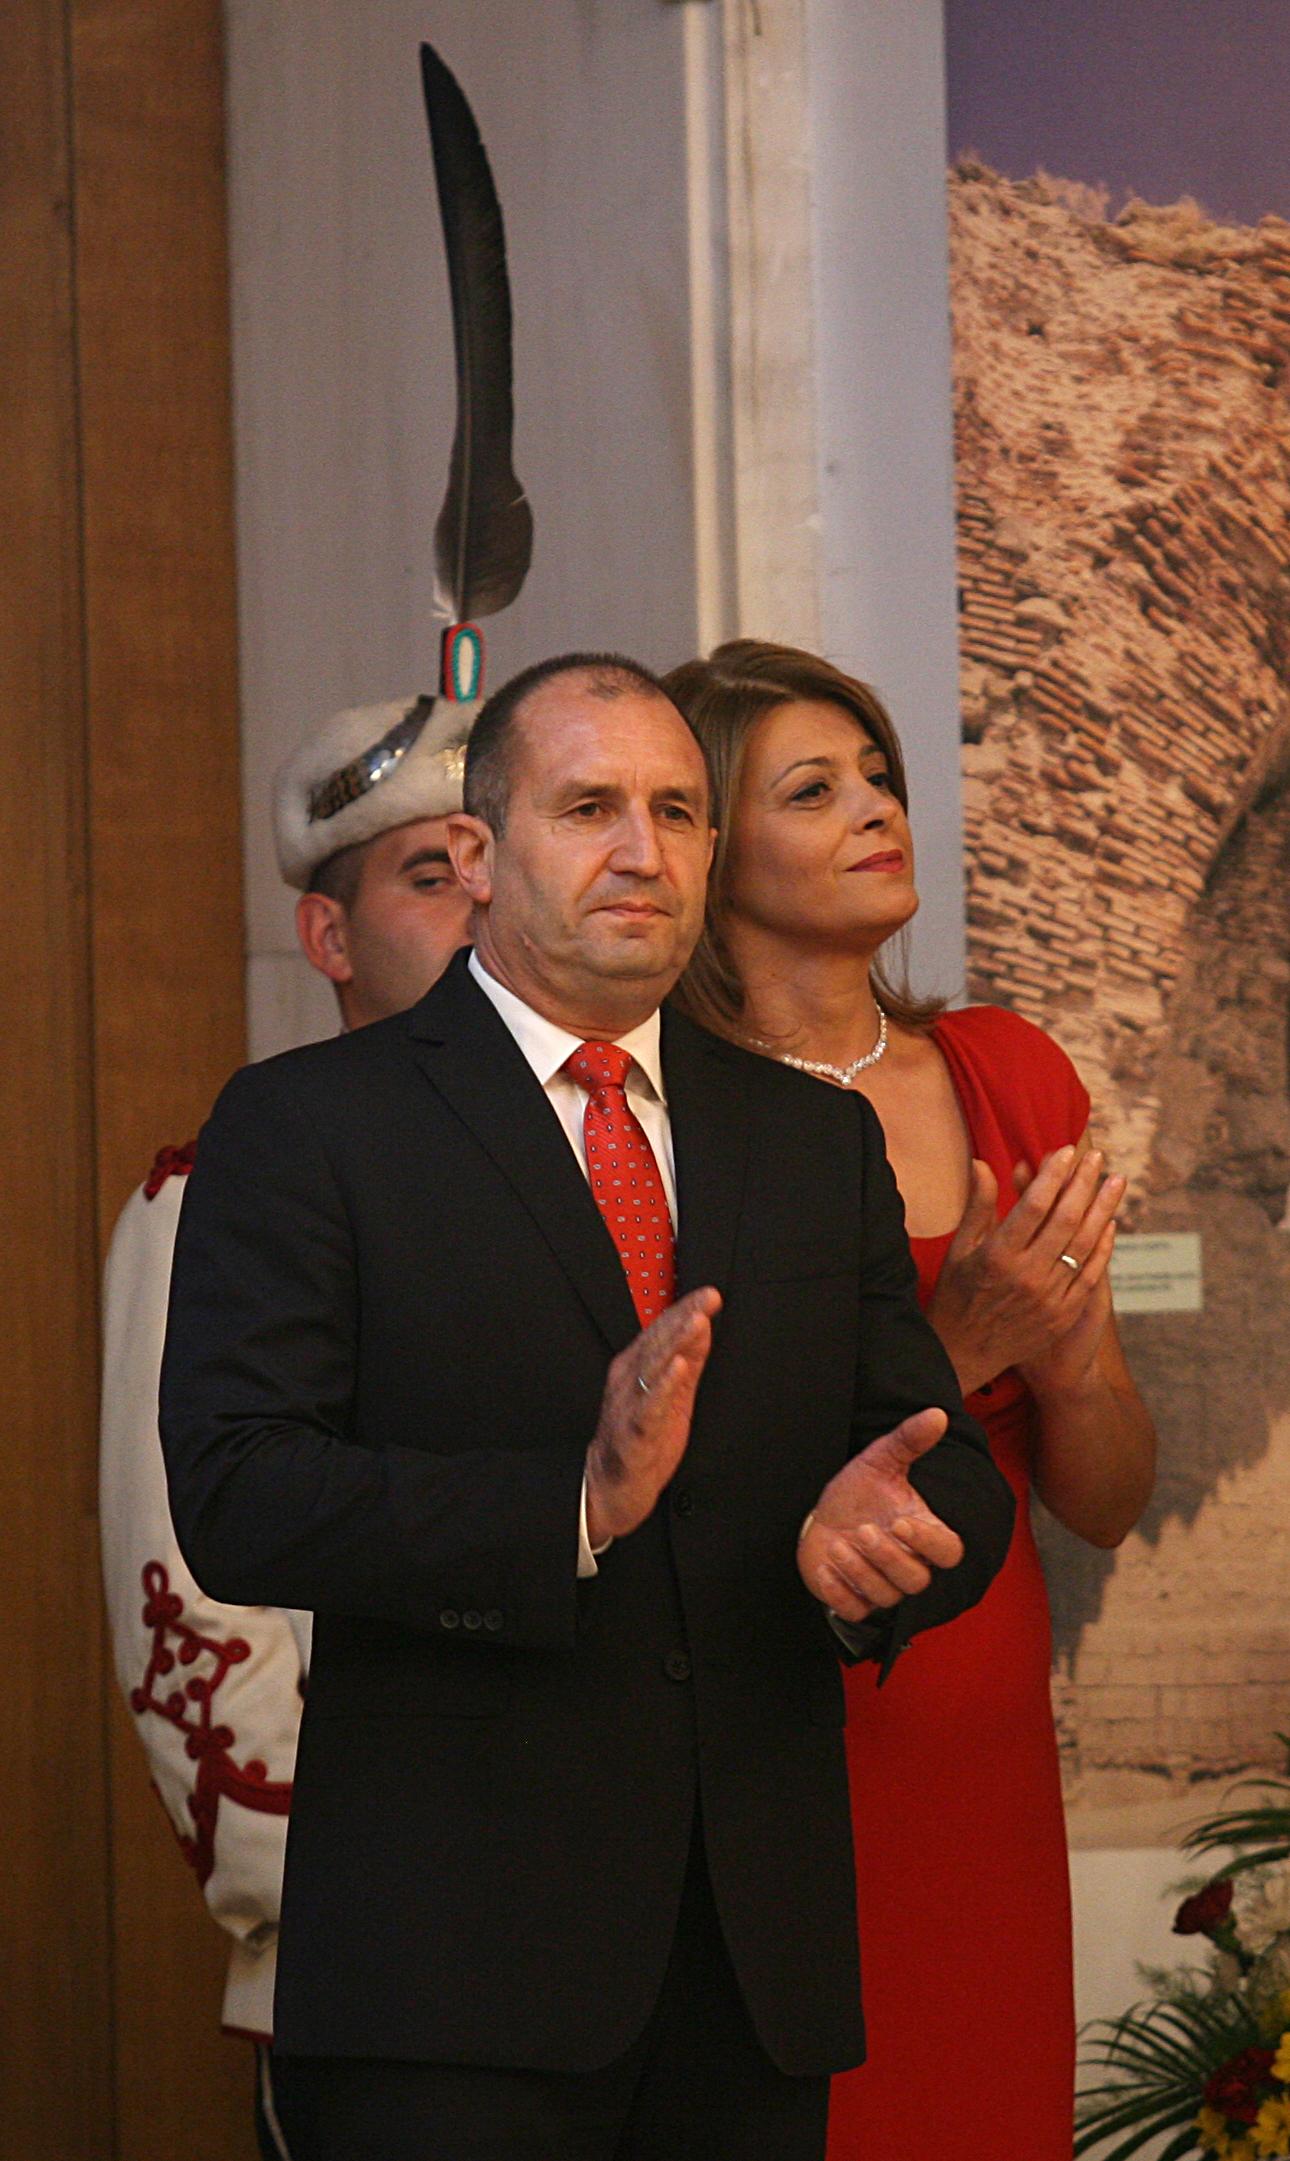 Президентът Радев също бе облечен в стилен черен костюм и червена вратовръзка в тон с роклята на първата дама.